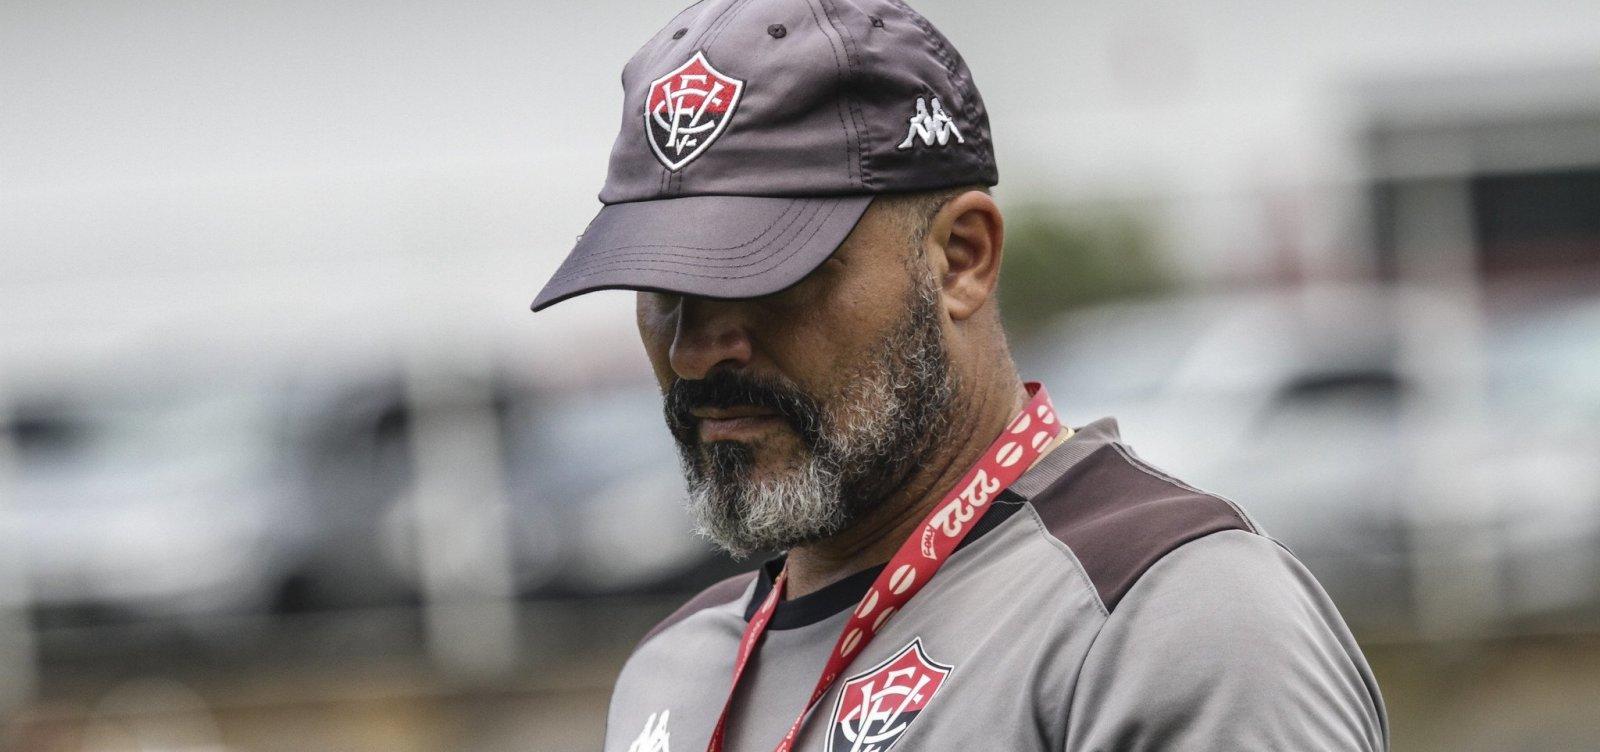 Flávio Tanajura, ex-jogador e auxiliar técnico do Vitória, é internado com Covid-19